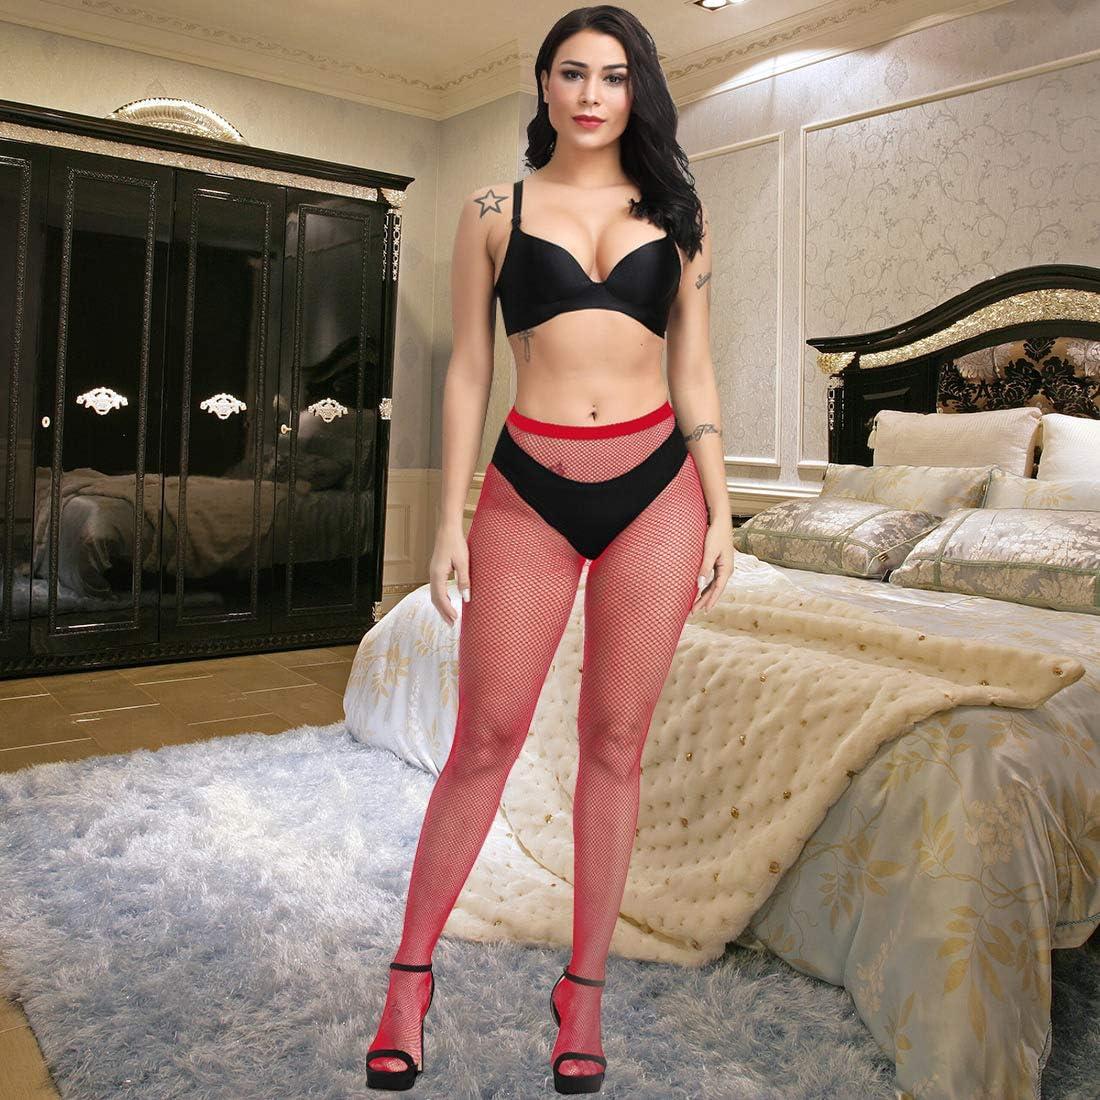 Fafulan High Waist Tights Fishnet Stockings Thigh High Stockings Pantyhose